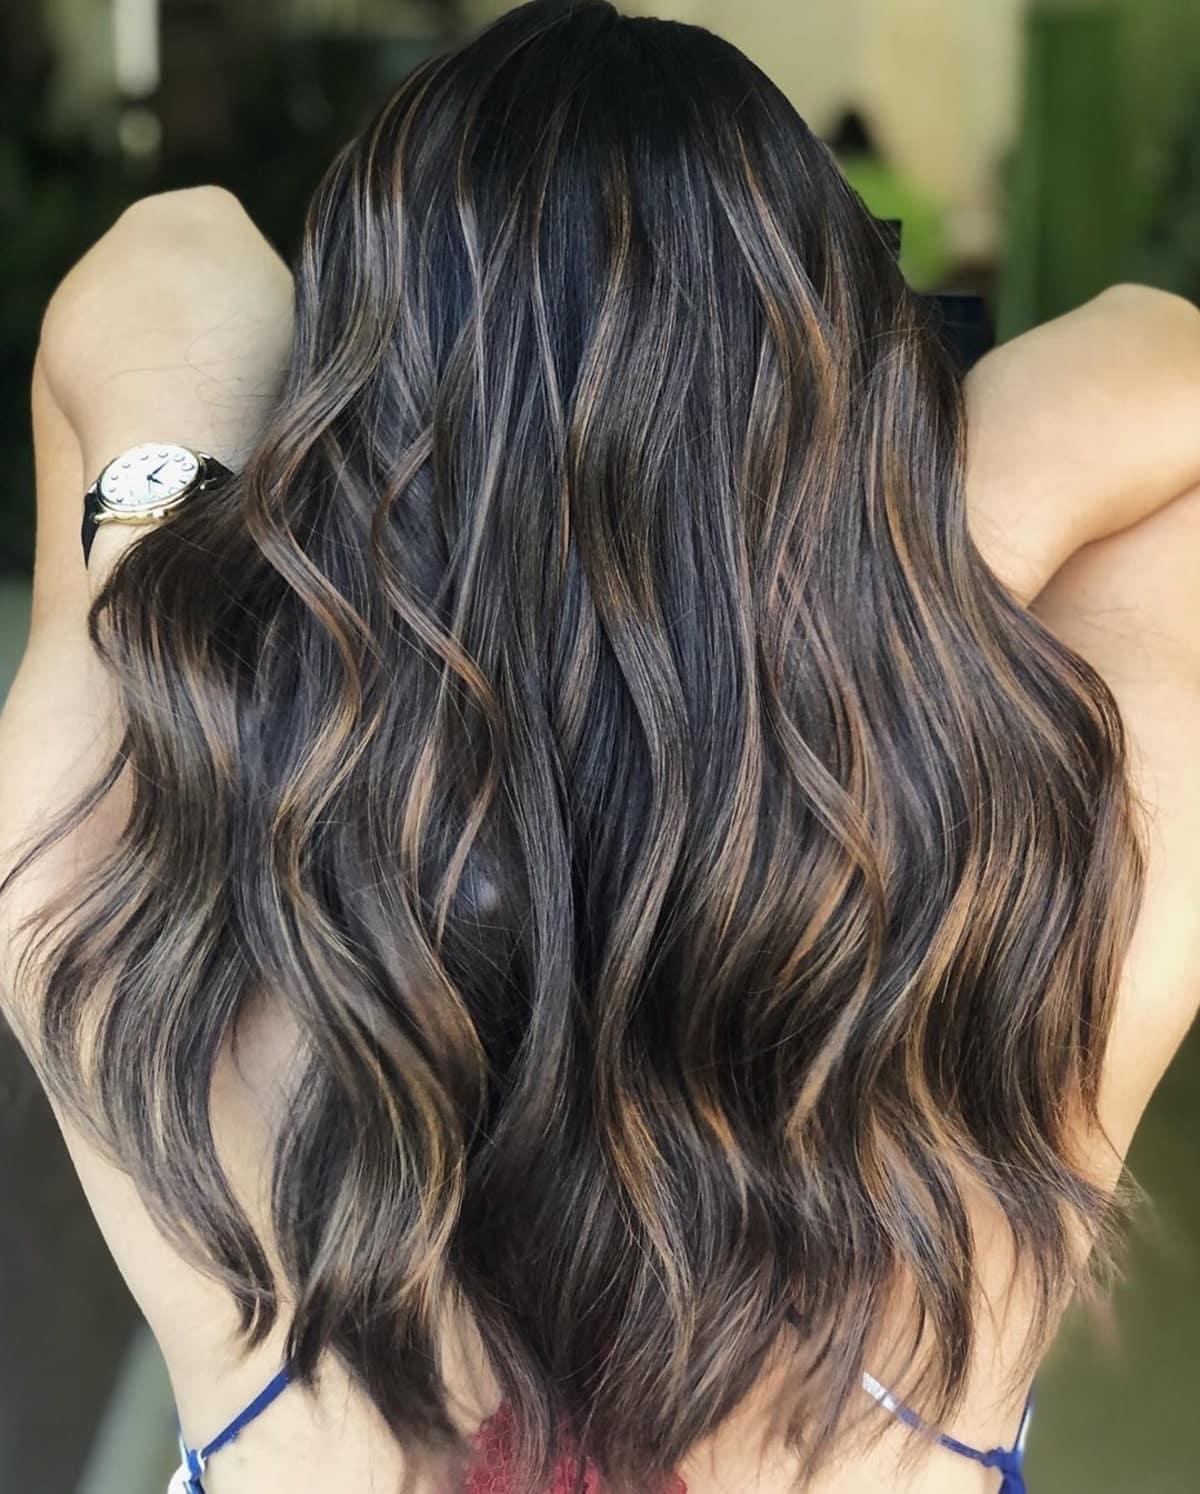 mèches brun auburn sur cheveux noirs ondulés